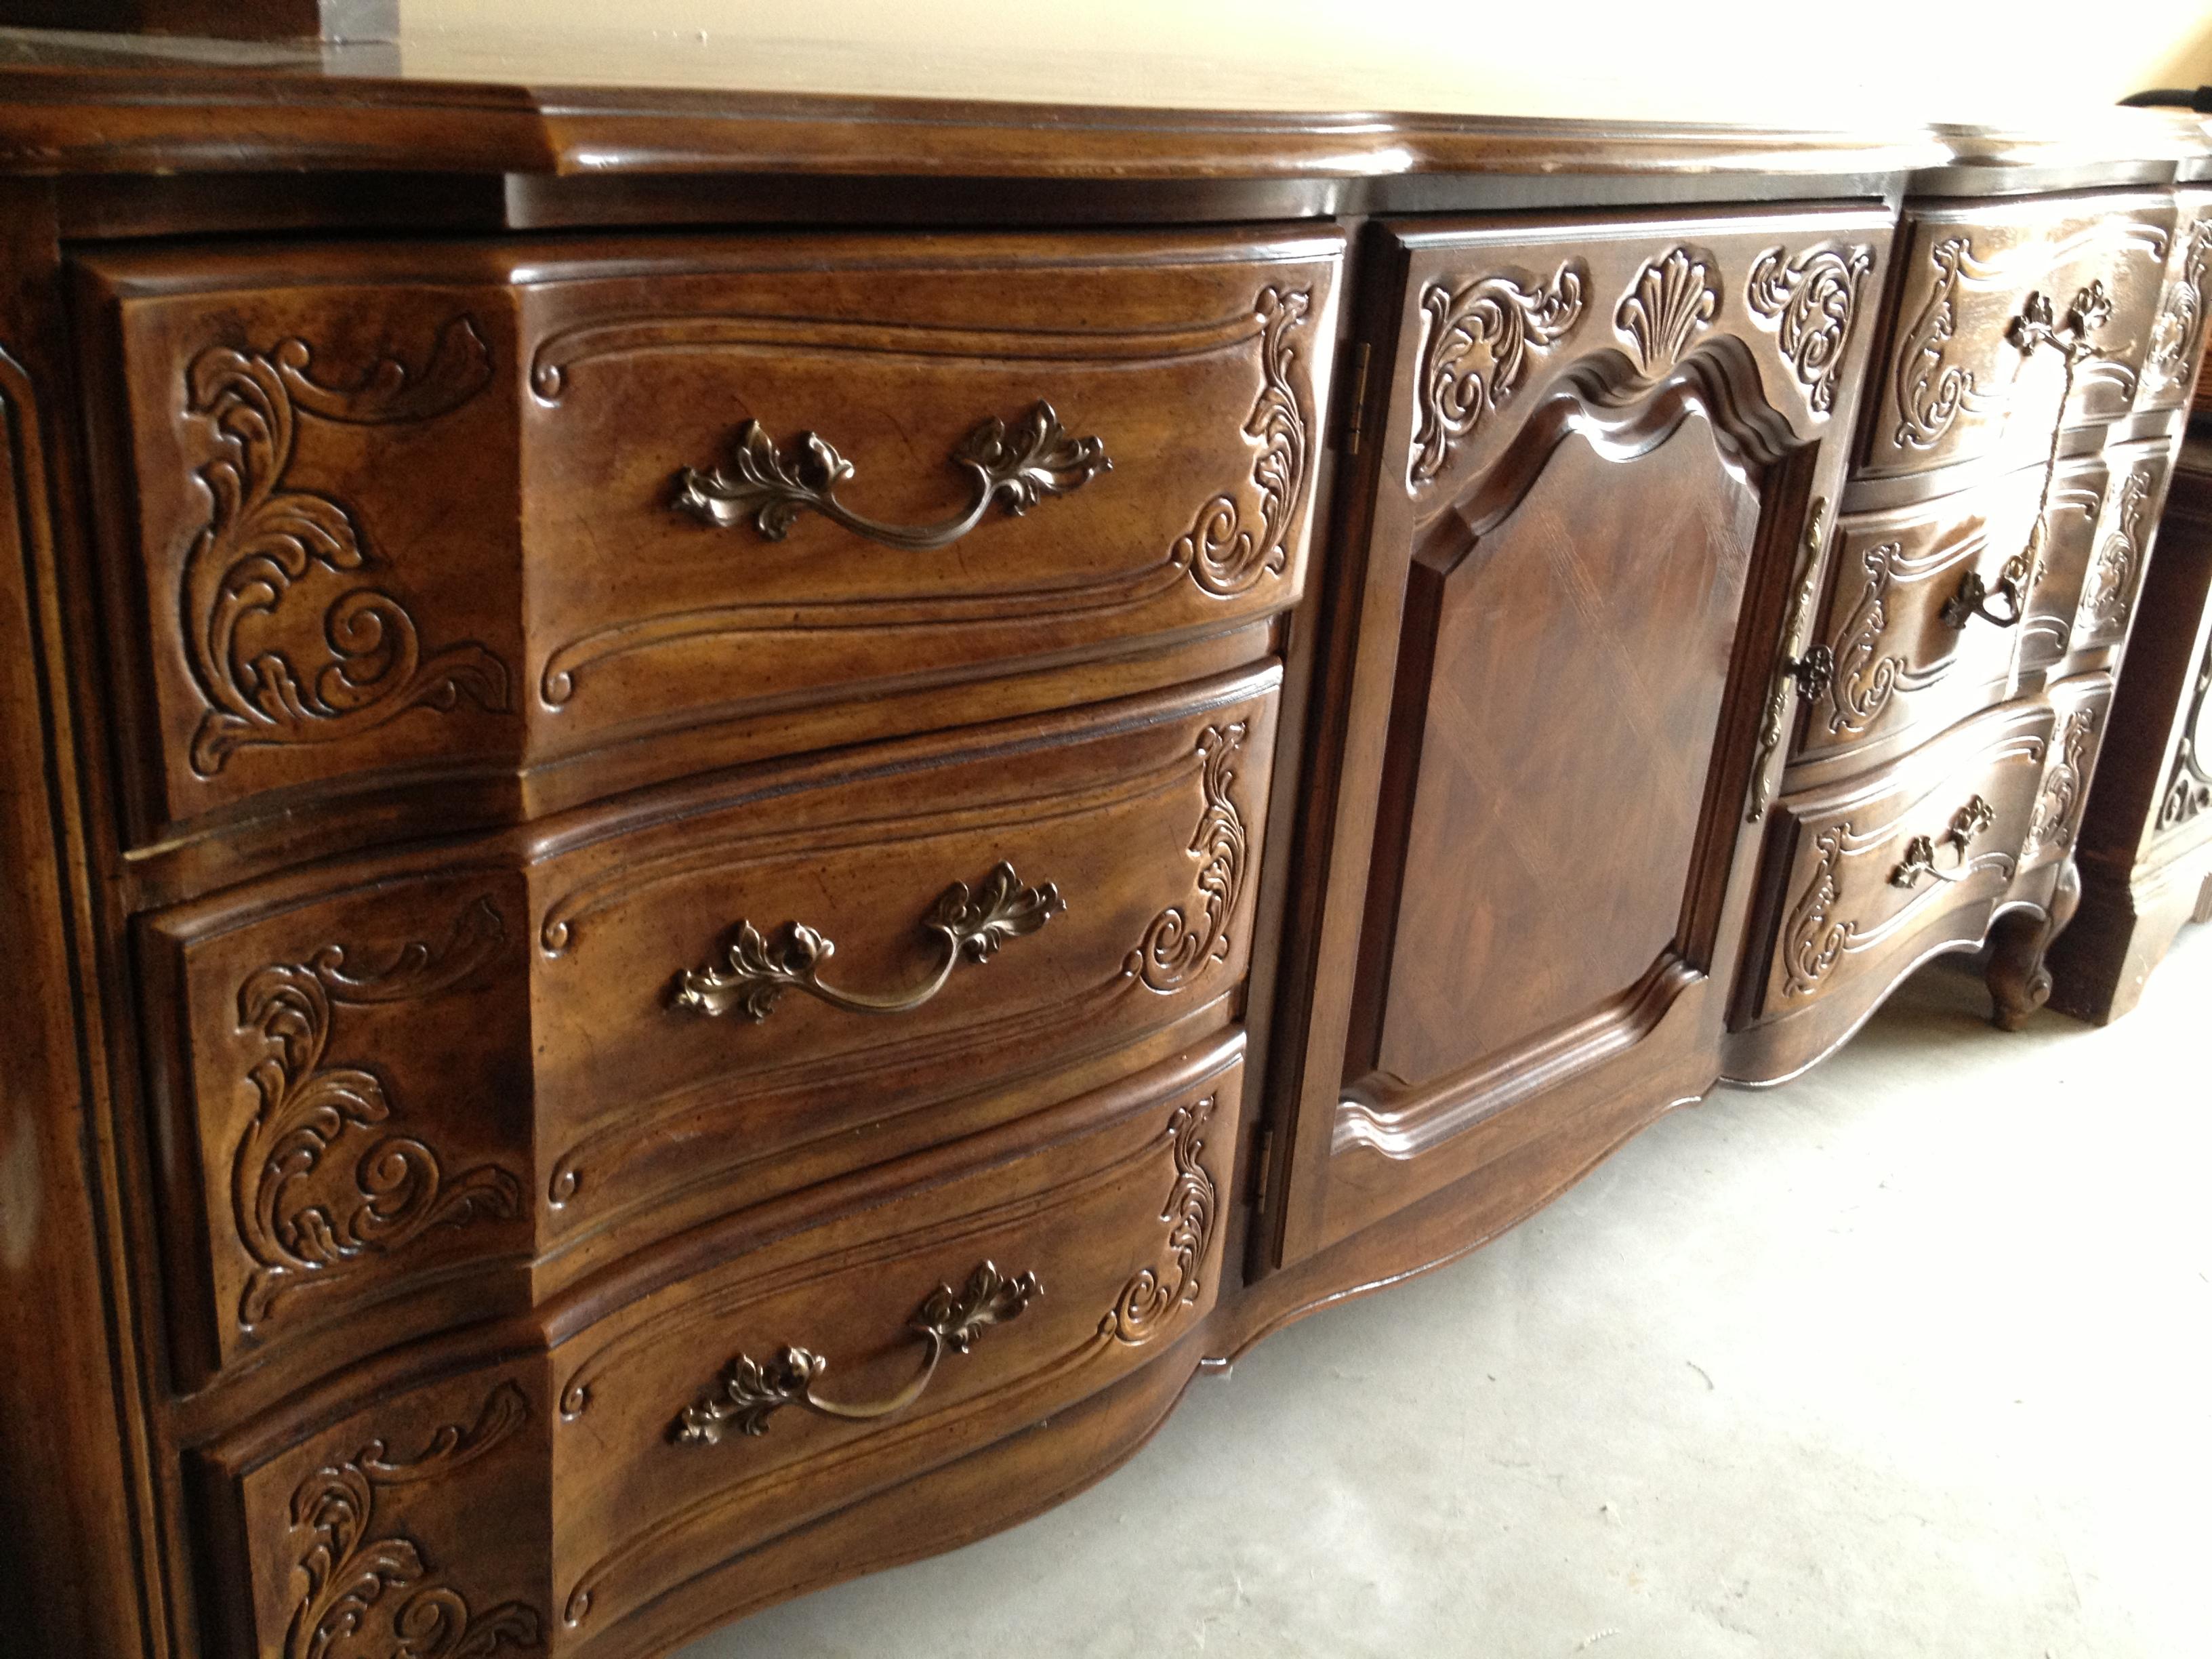 Triple Dresser - Sold